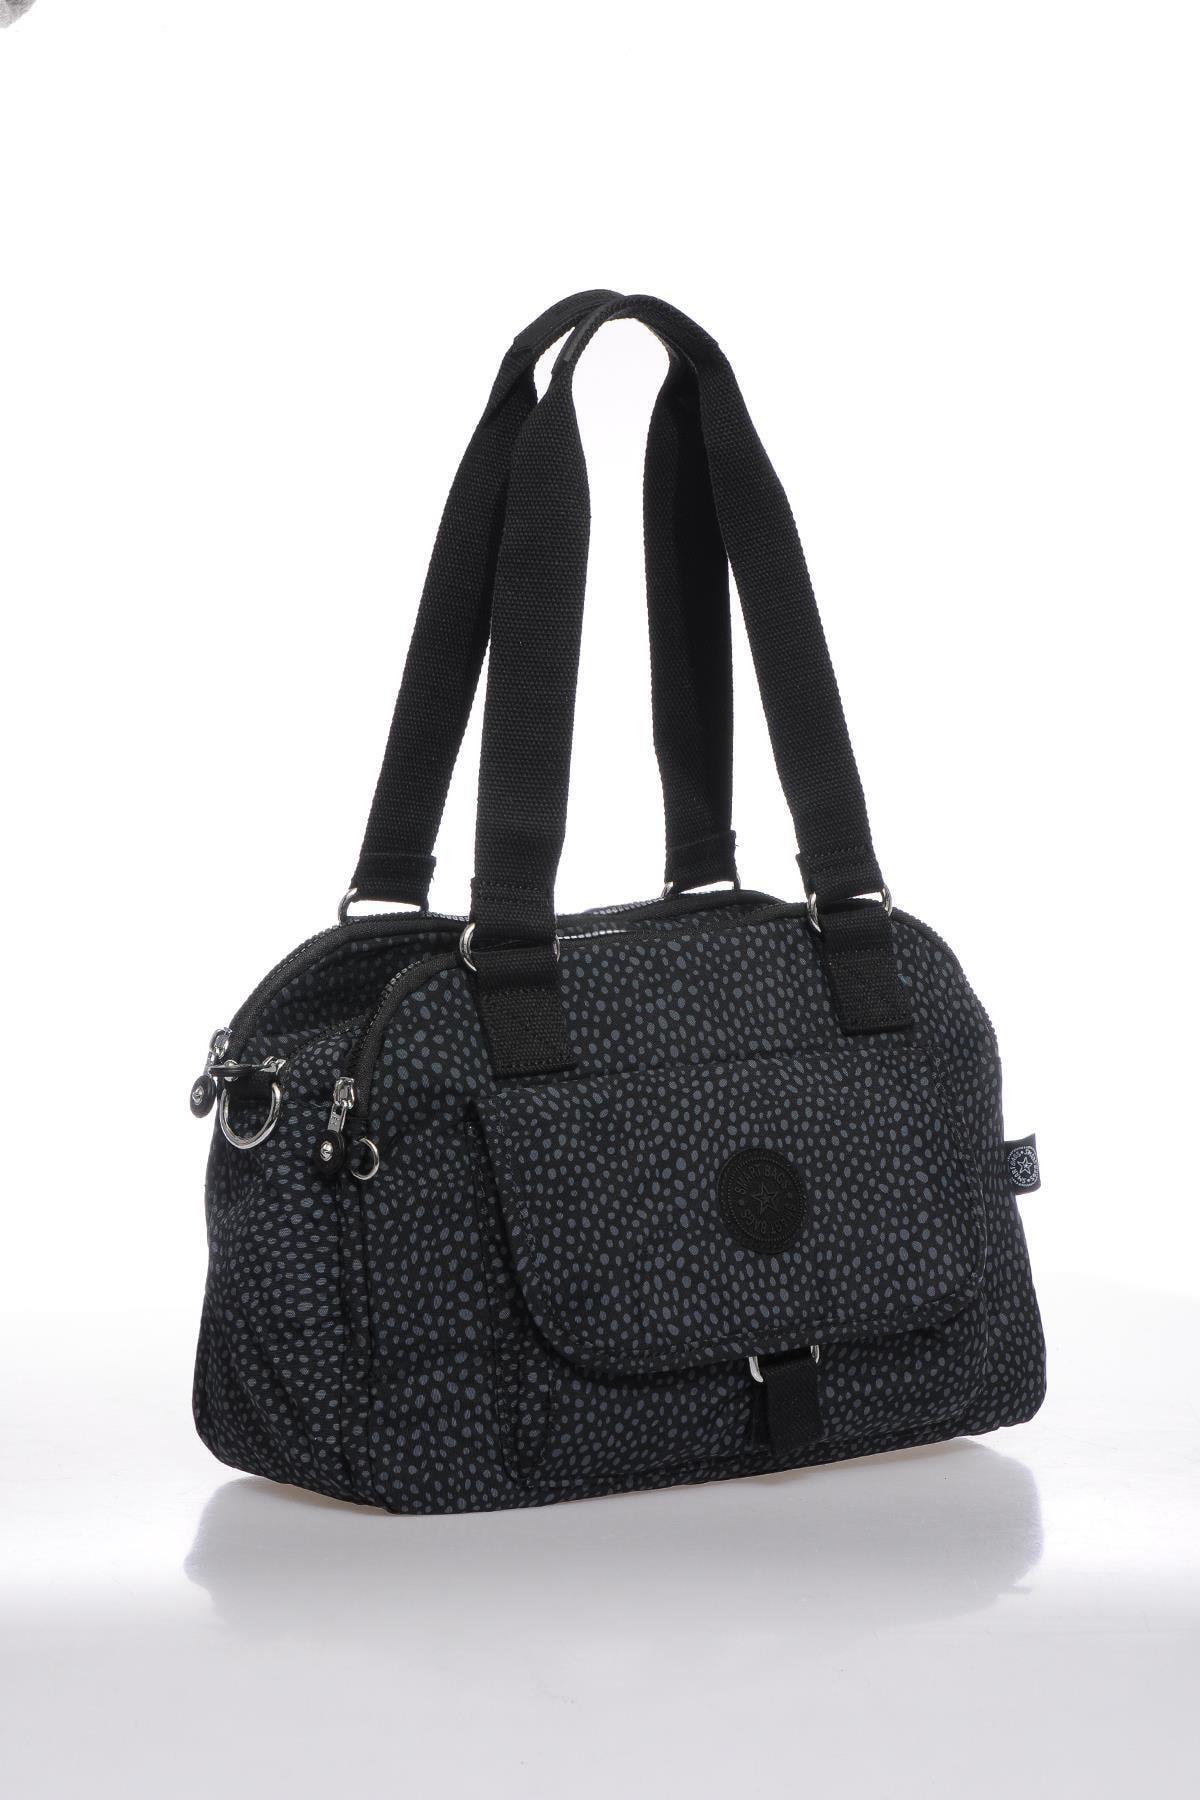 SMART BAGS Kadın Puantiyeli/Siyah Omuz Çantası  Smbk1122-0091 2